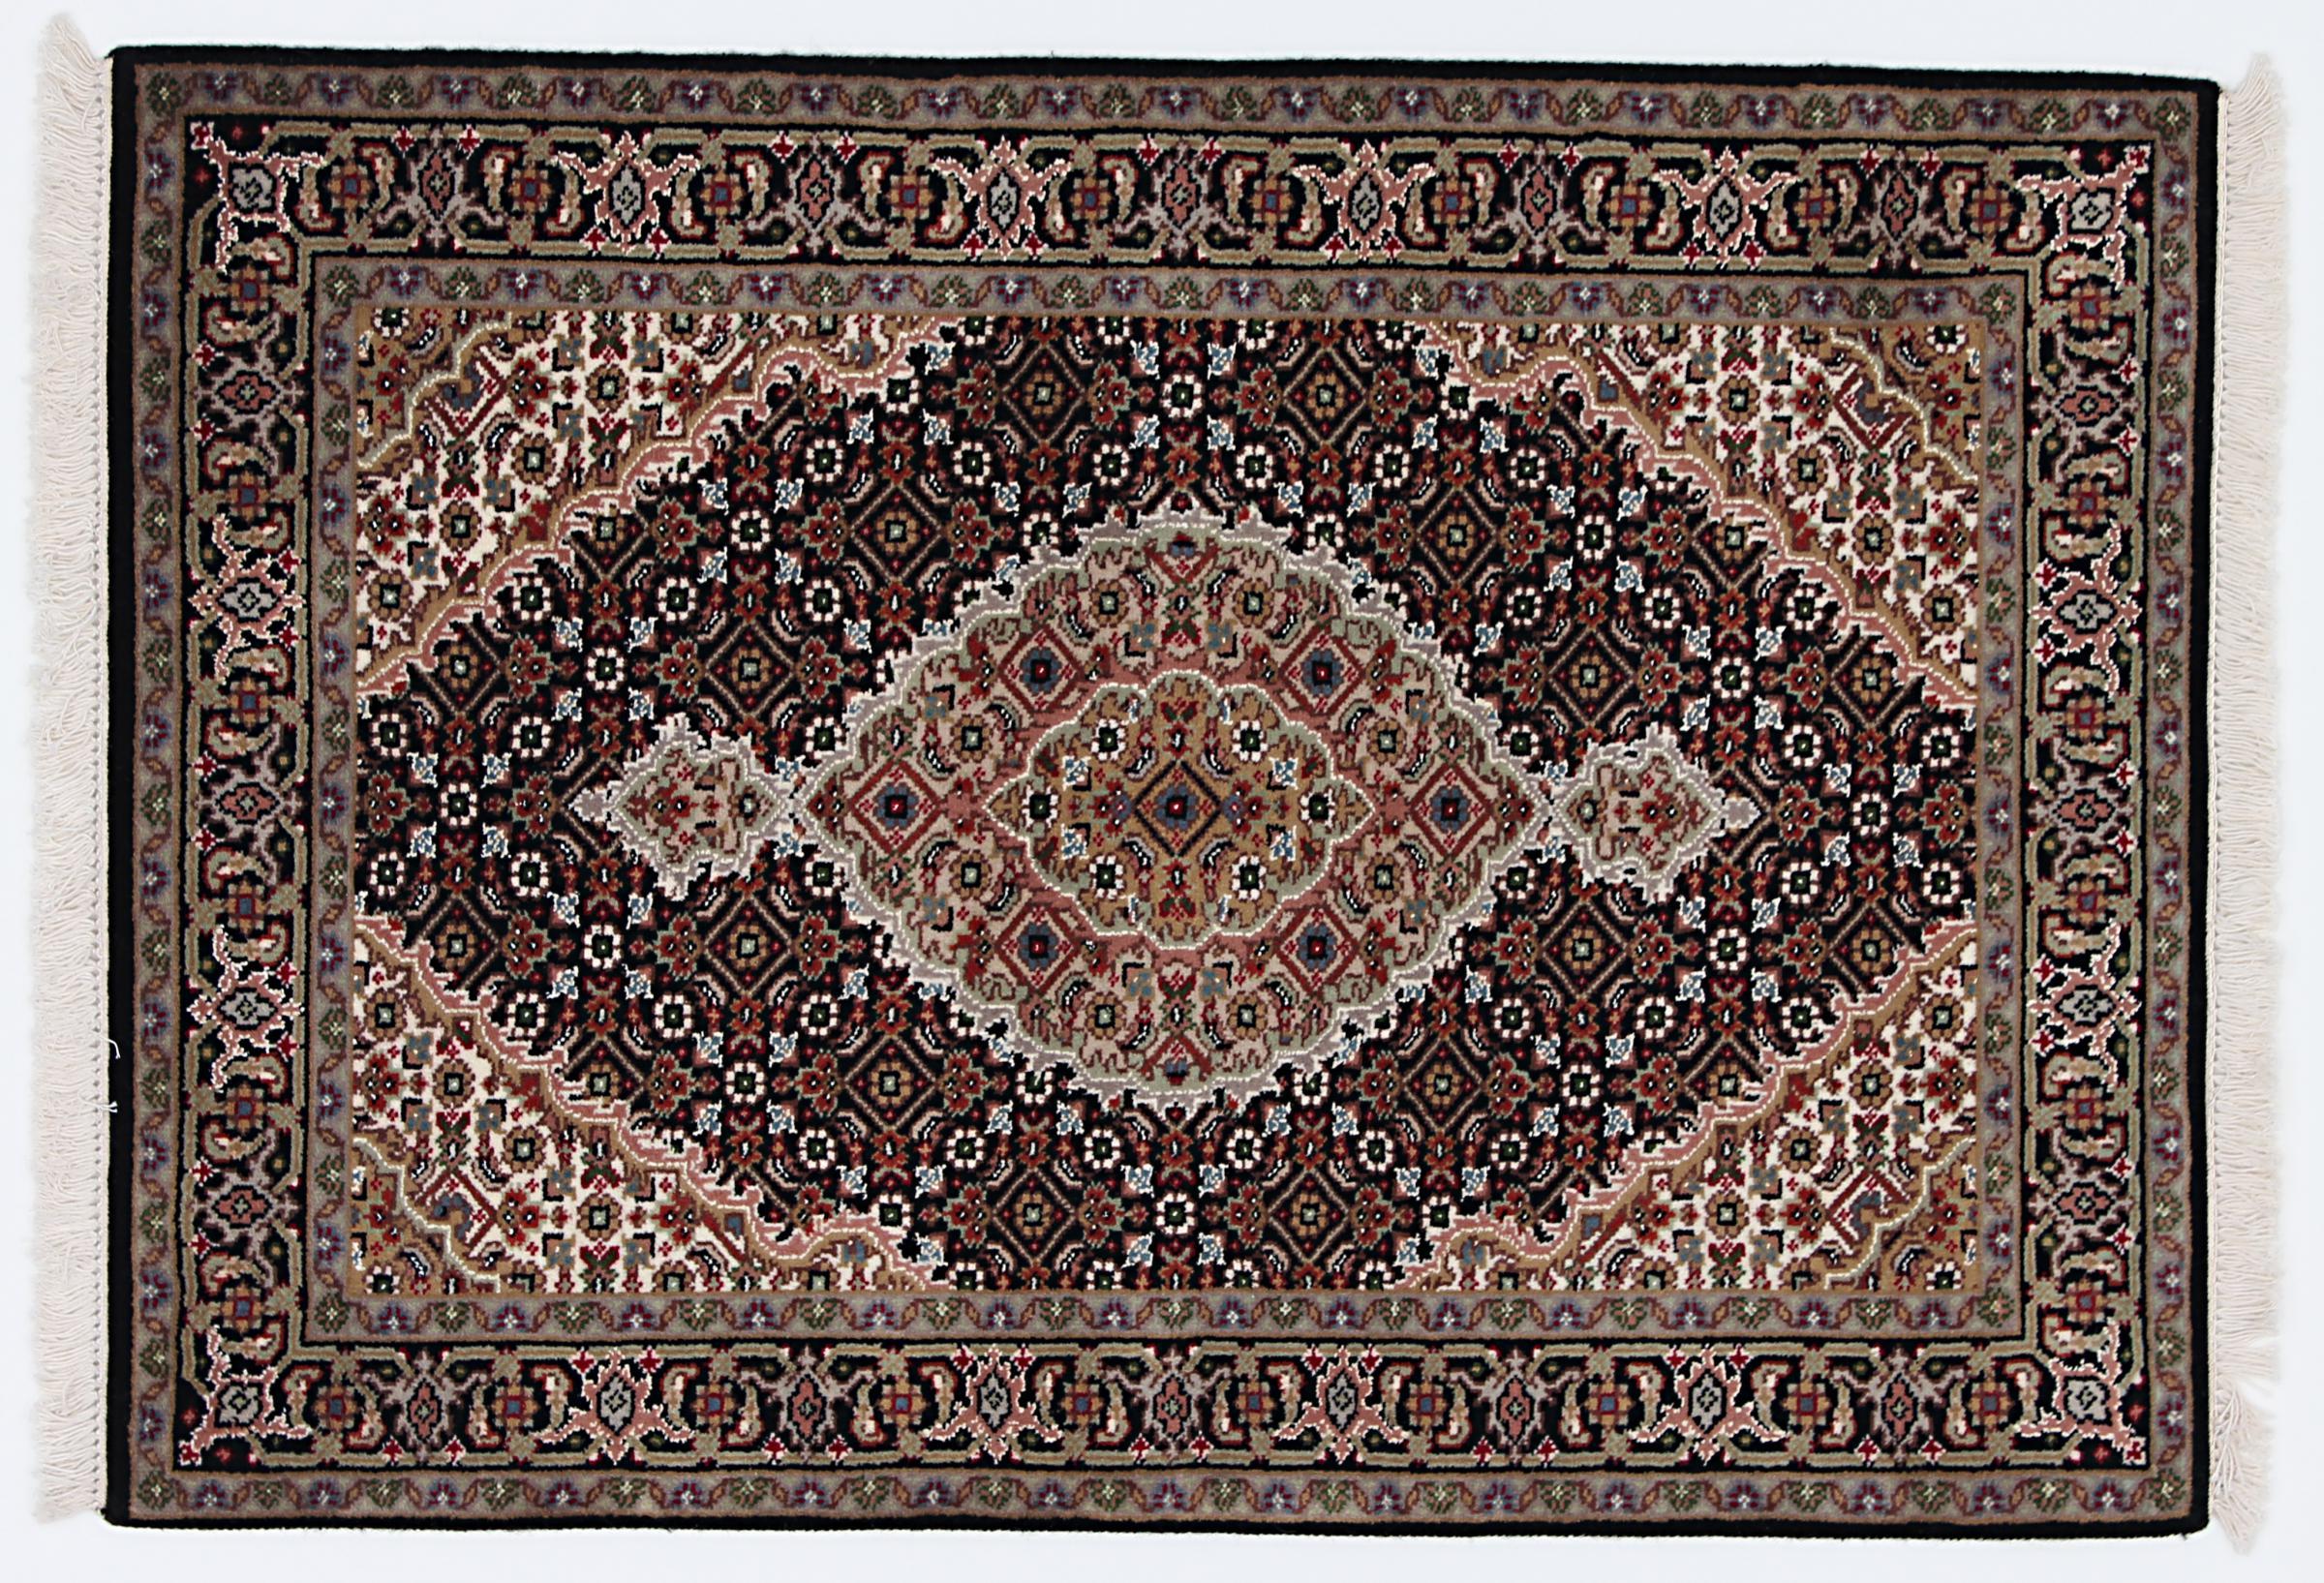 indo t briz indischer teppich 124x87 id23159 kaufen sie ihren orientteppich i 120x80 bei. Black Bedroom Furniture Sets. Home Design Ideas